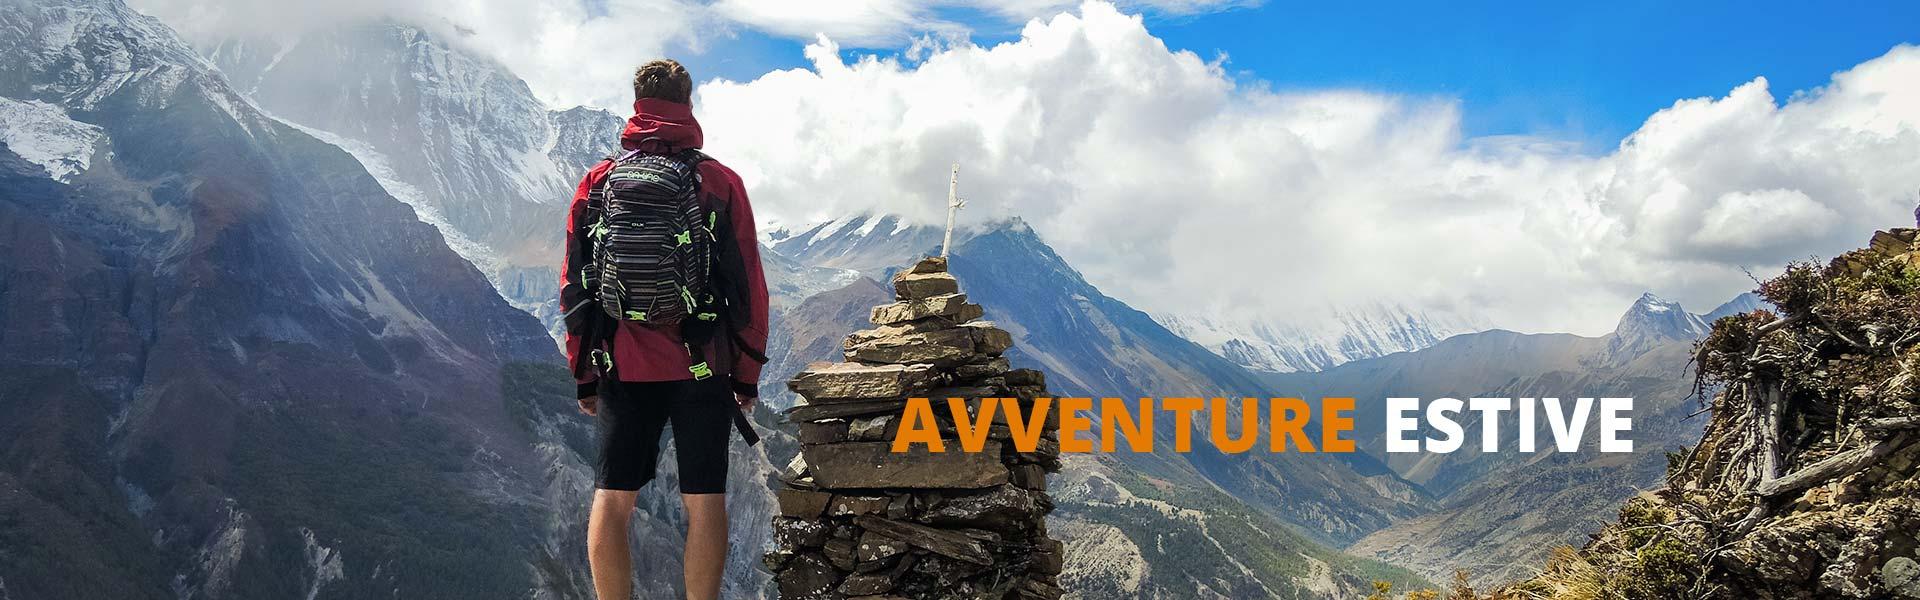 Ragazzo che ammira le montagne da una vetta con scritta avventure estive